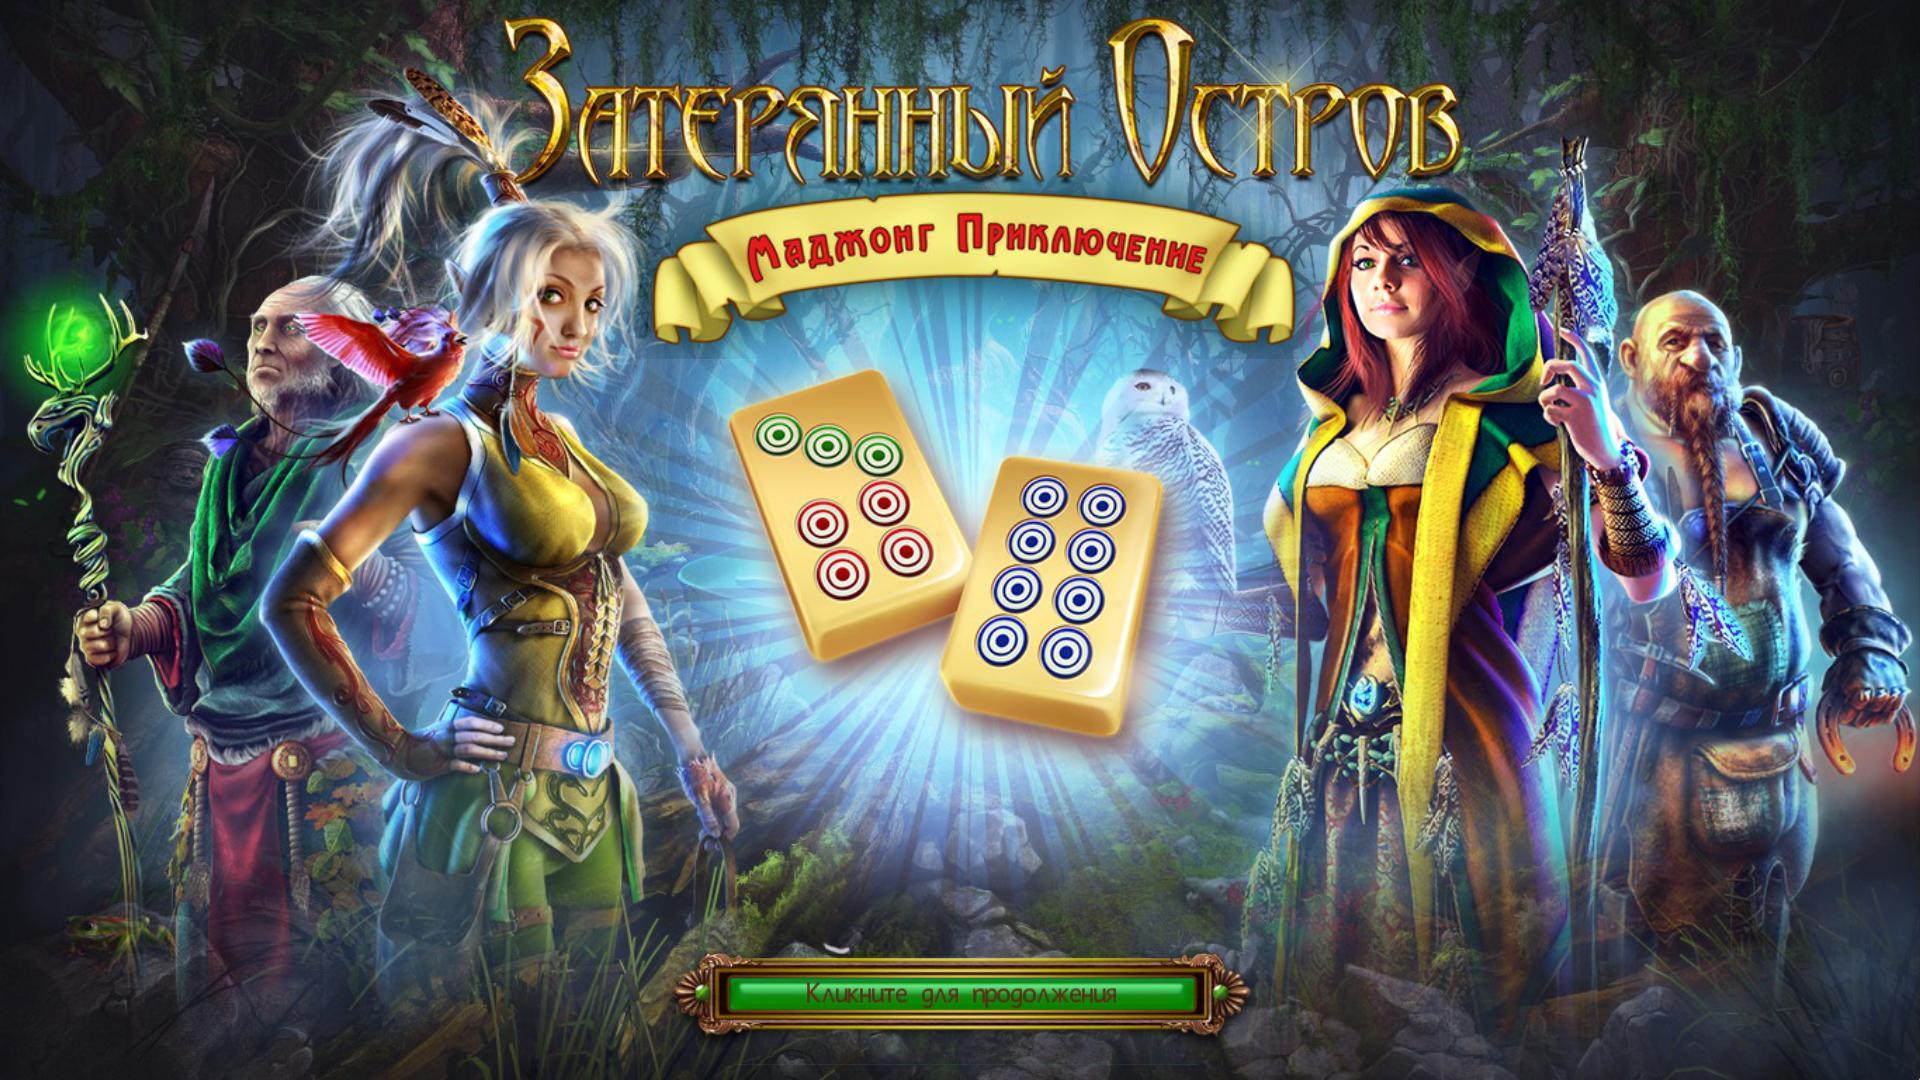 Затерянный остров. Маджонг Приключение   Lost Island: Mahjong Adventure (Rus)